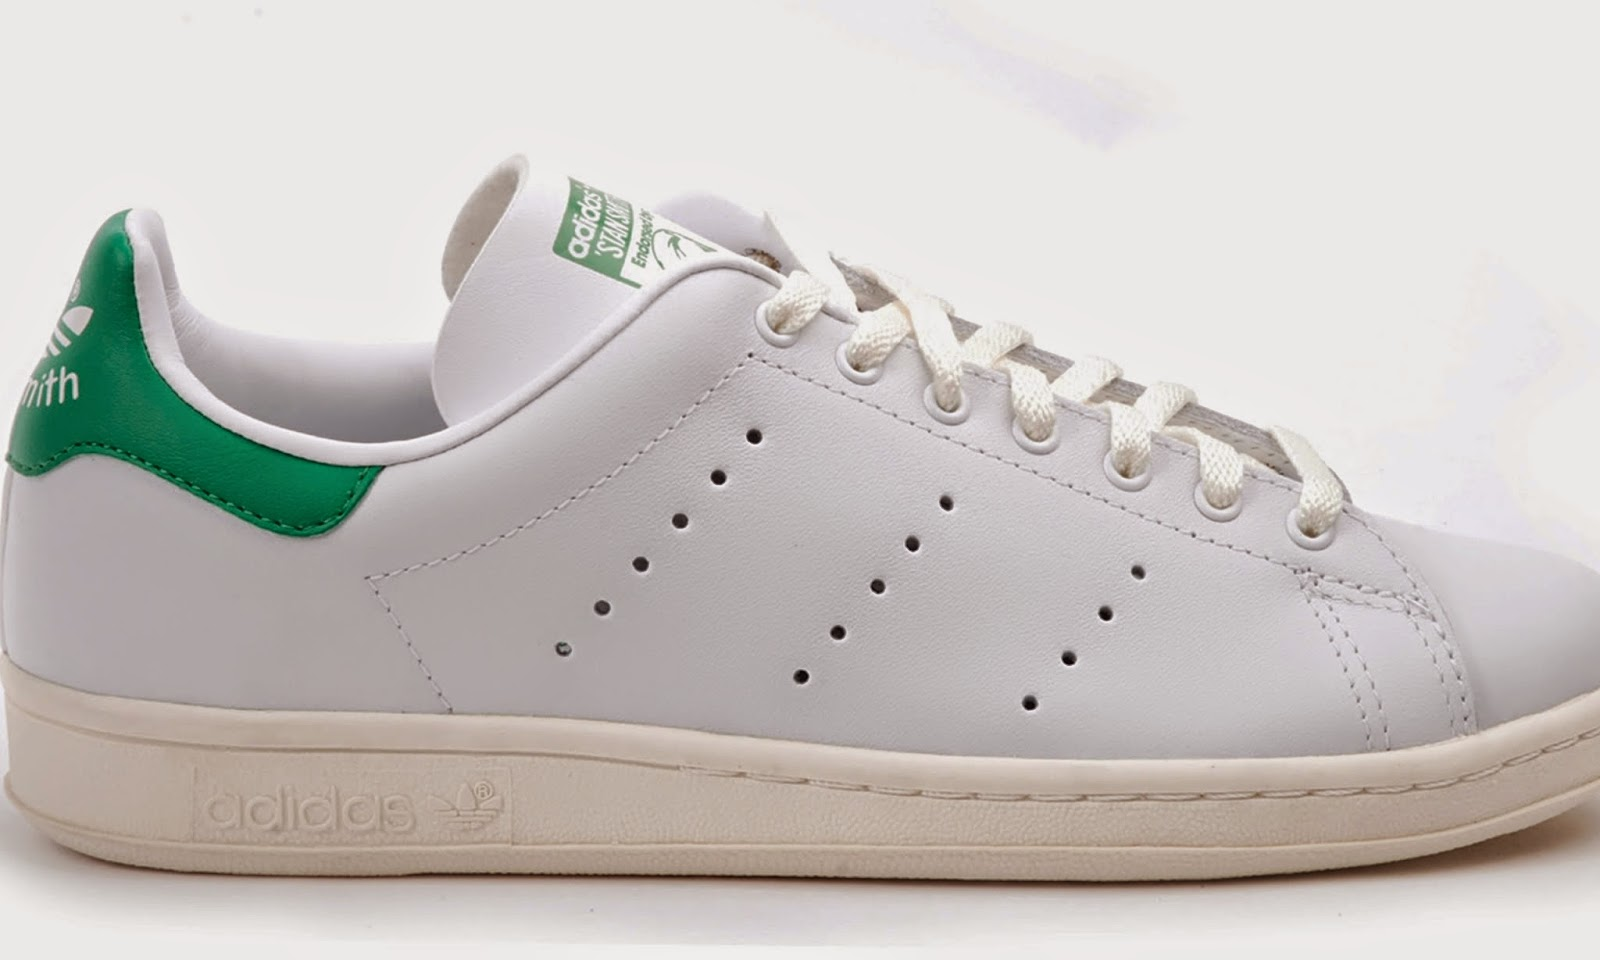 wholesale dealer 4ff5f 0f12a El nombre Stan Smith, es un homenaje al carismático tenista californiano,  que fue todo un icono de la raqueta durante la década de los setenta.